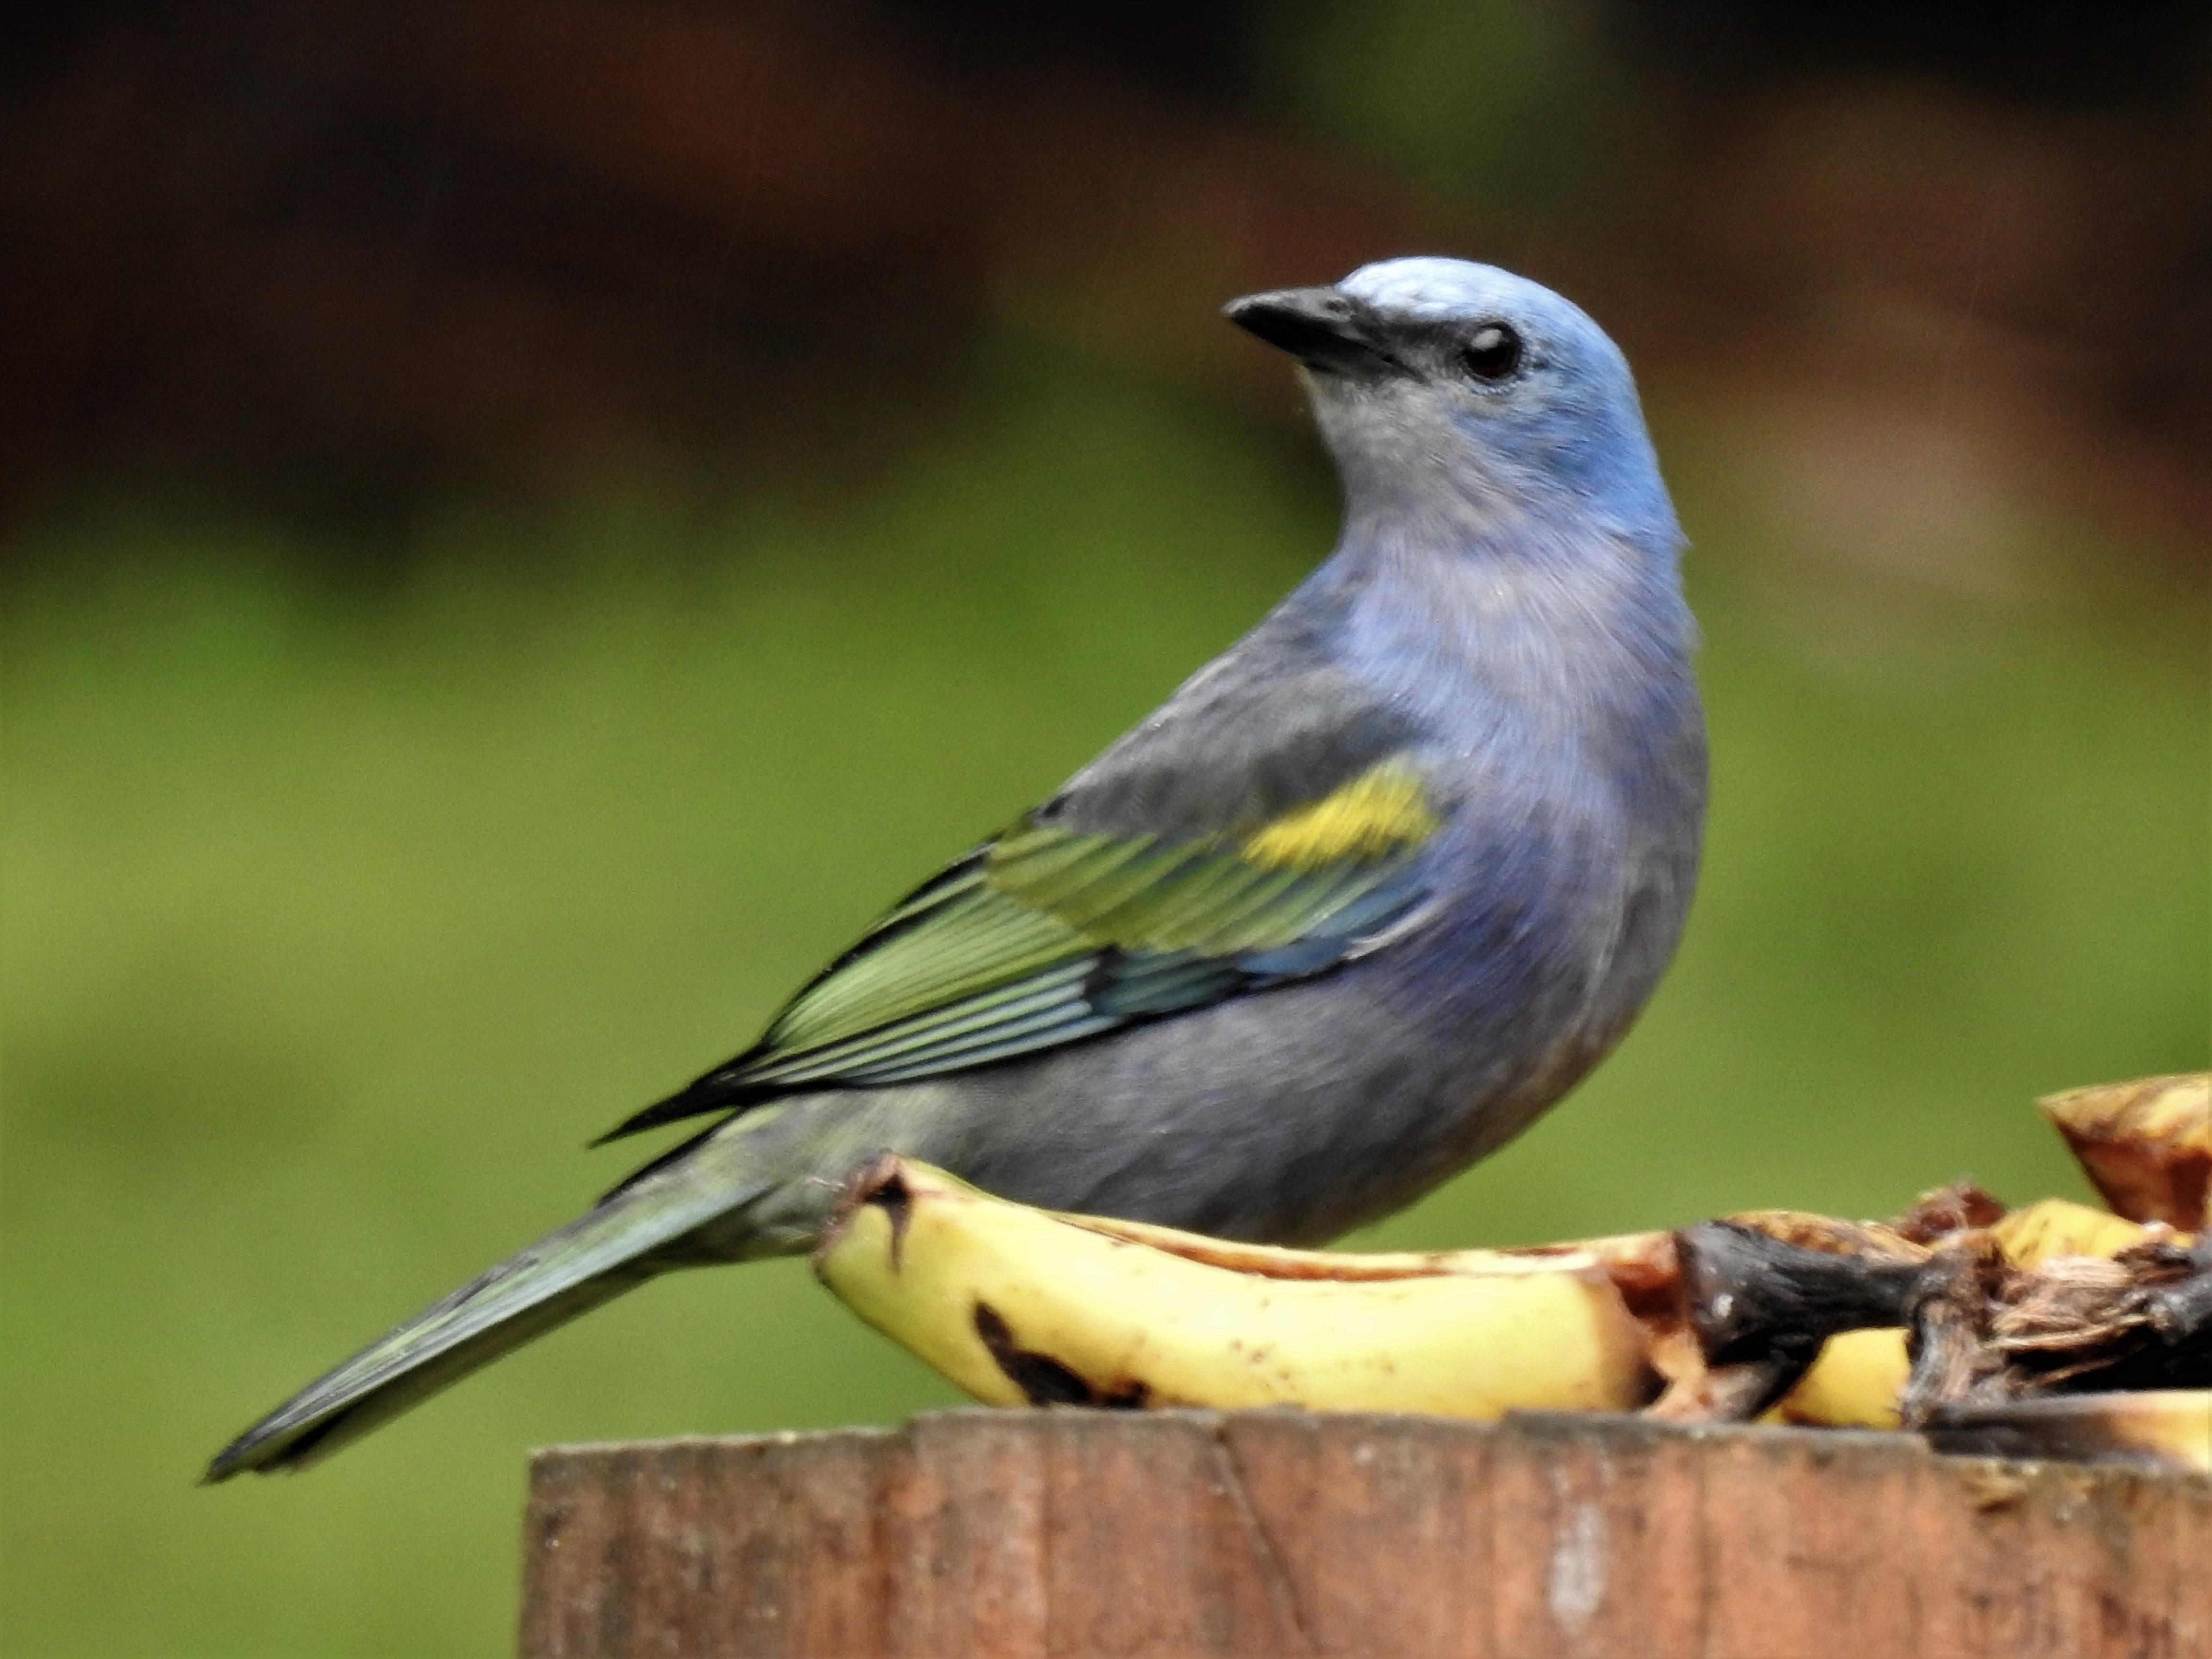 Sanhaçu-de-encontro-amarelo